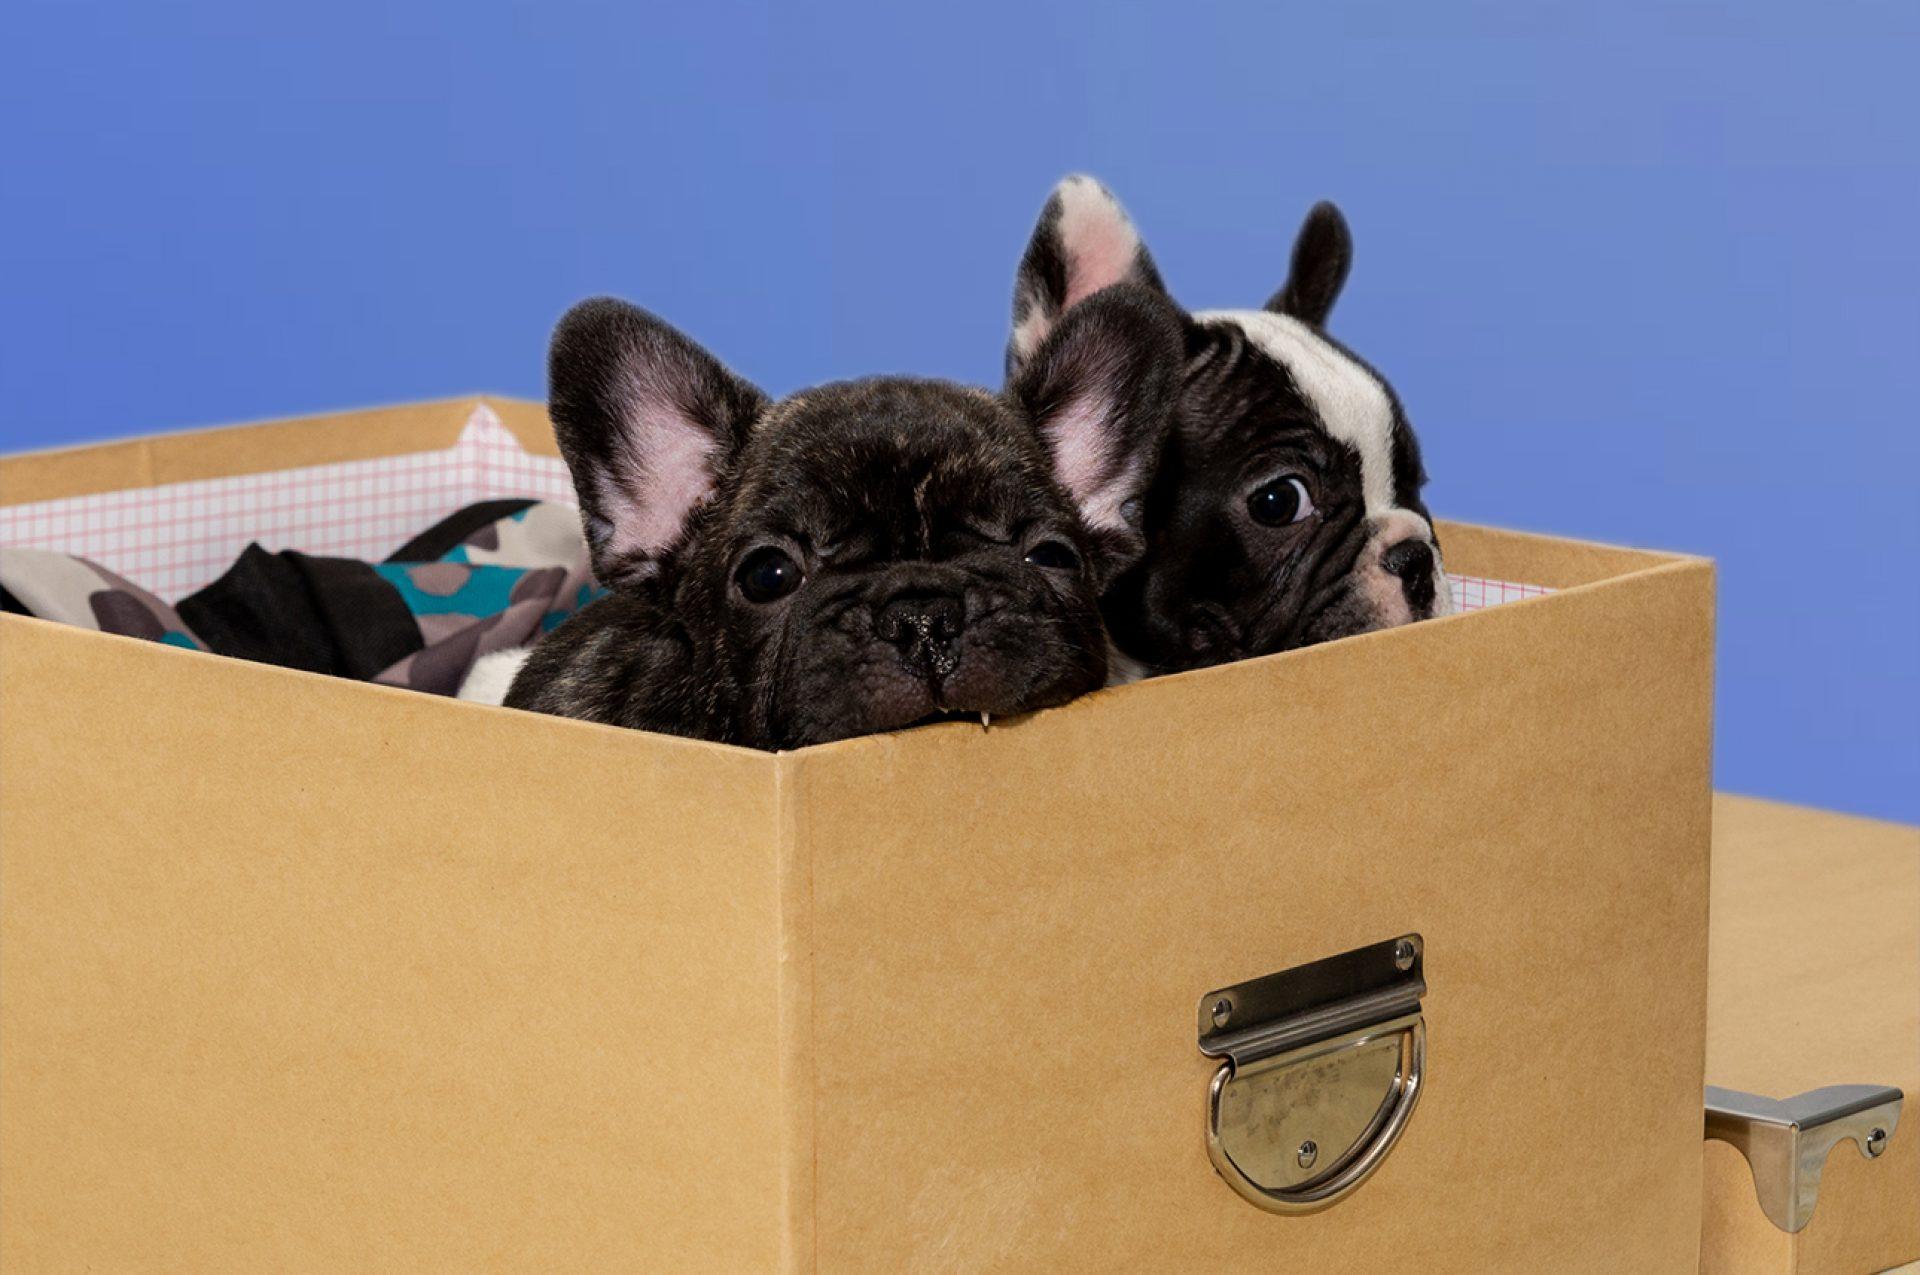 2 Bouledogue in scatola con uno che mordicchia un lato della scatola (no, non e lo stesso di prima)